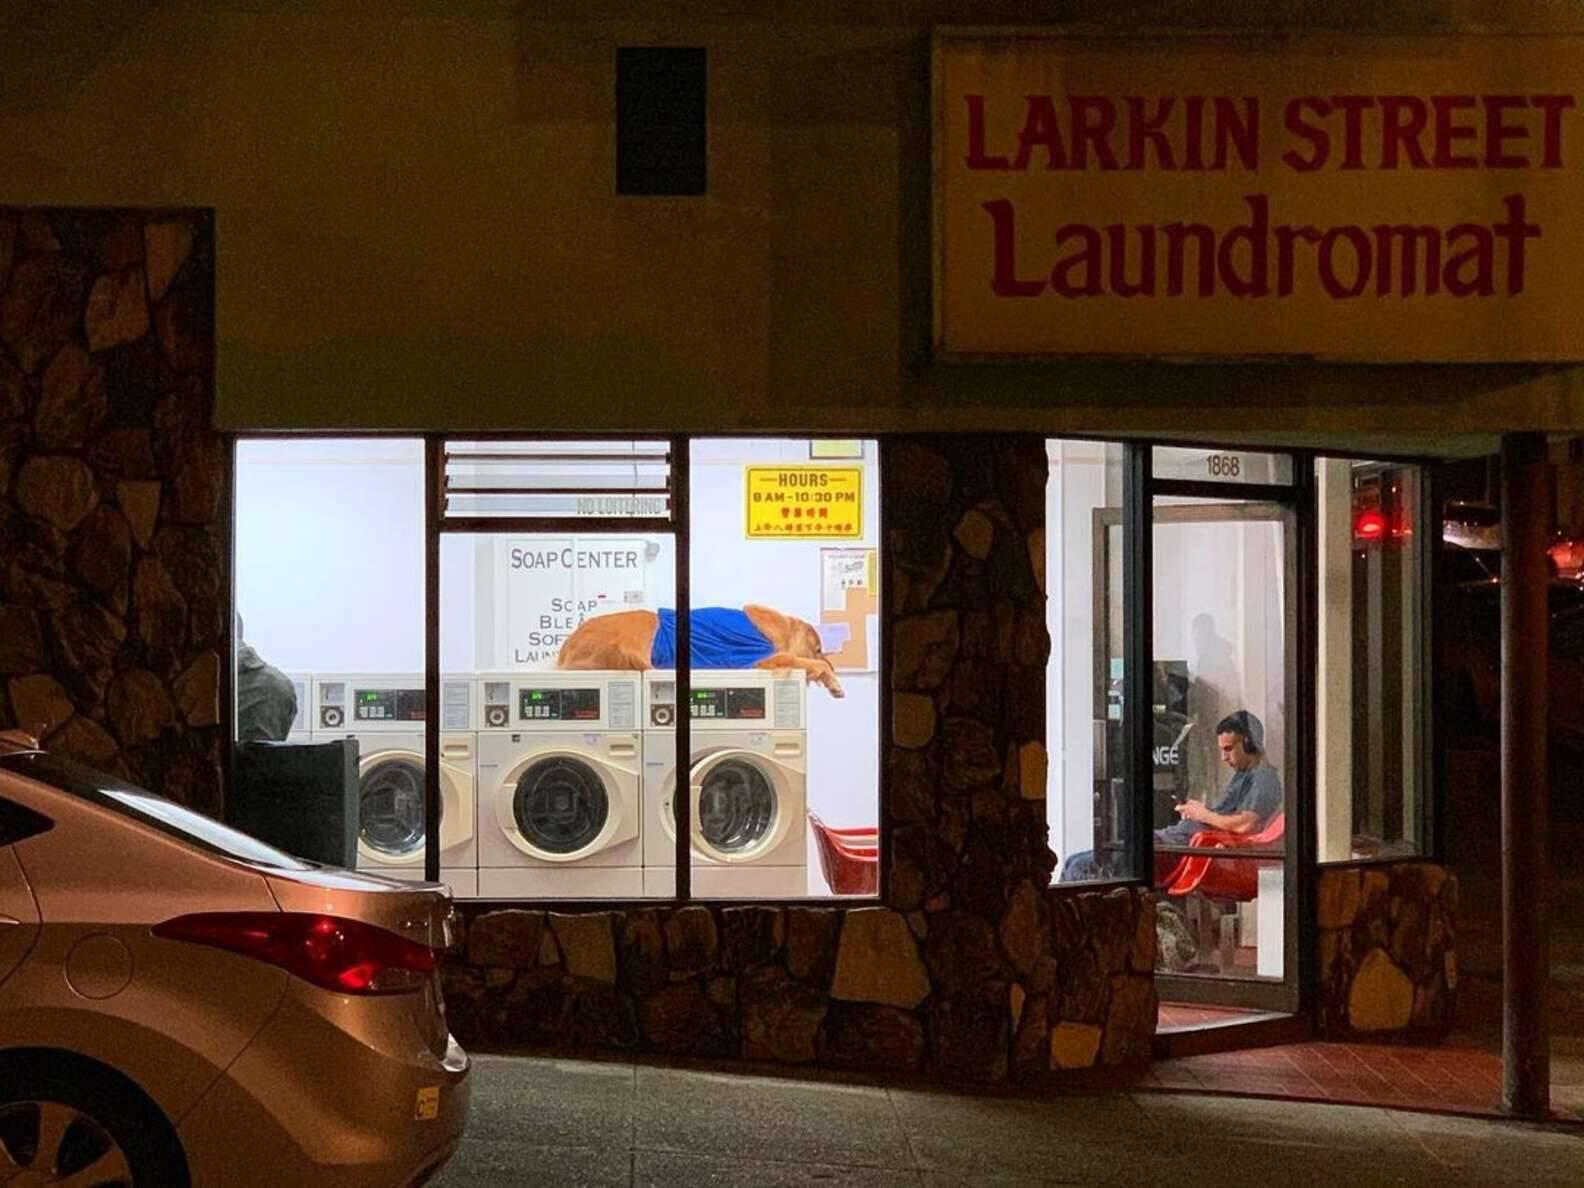 Cody é uma grande atração, não apenas entre os clientes, mas com quem passa pela frente da lavanderia. Foto: Reprodução/Instagram/codytheretriever